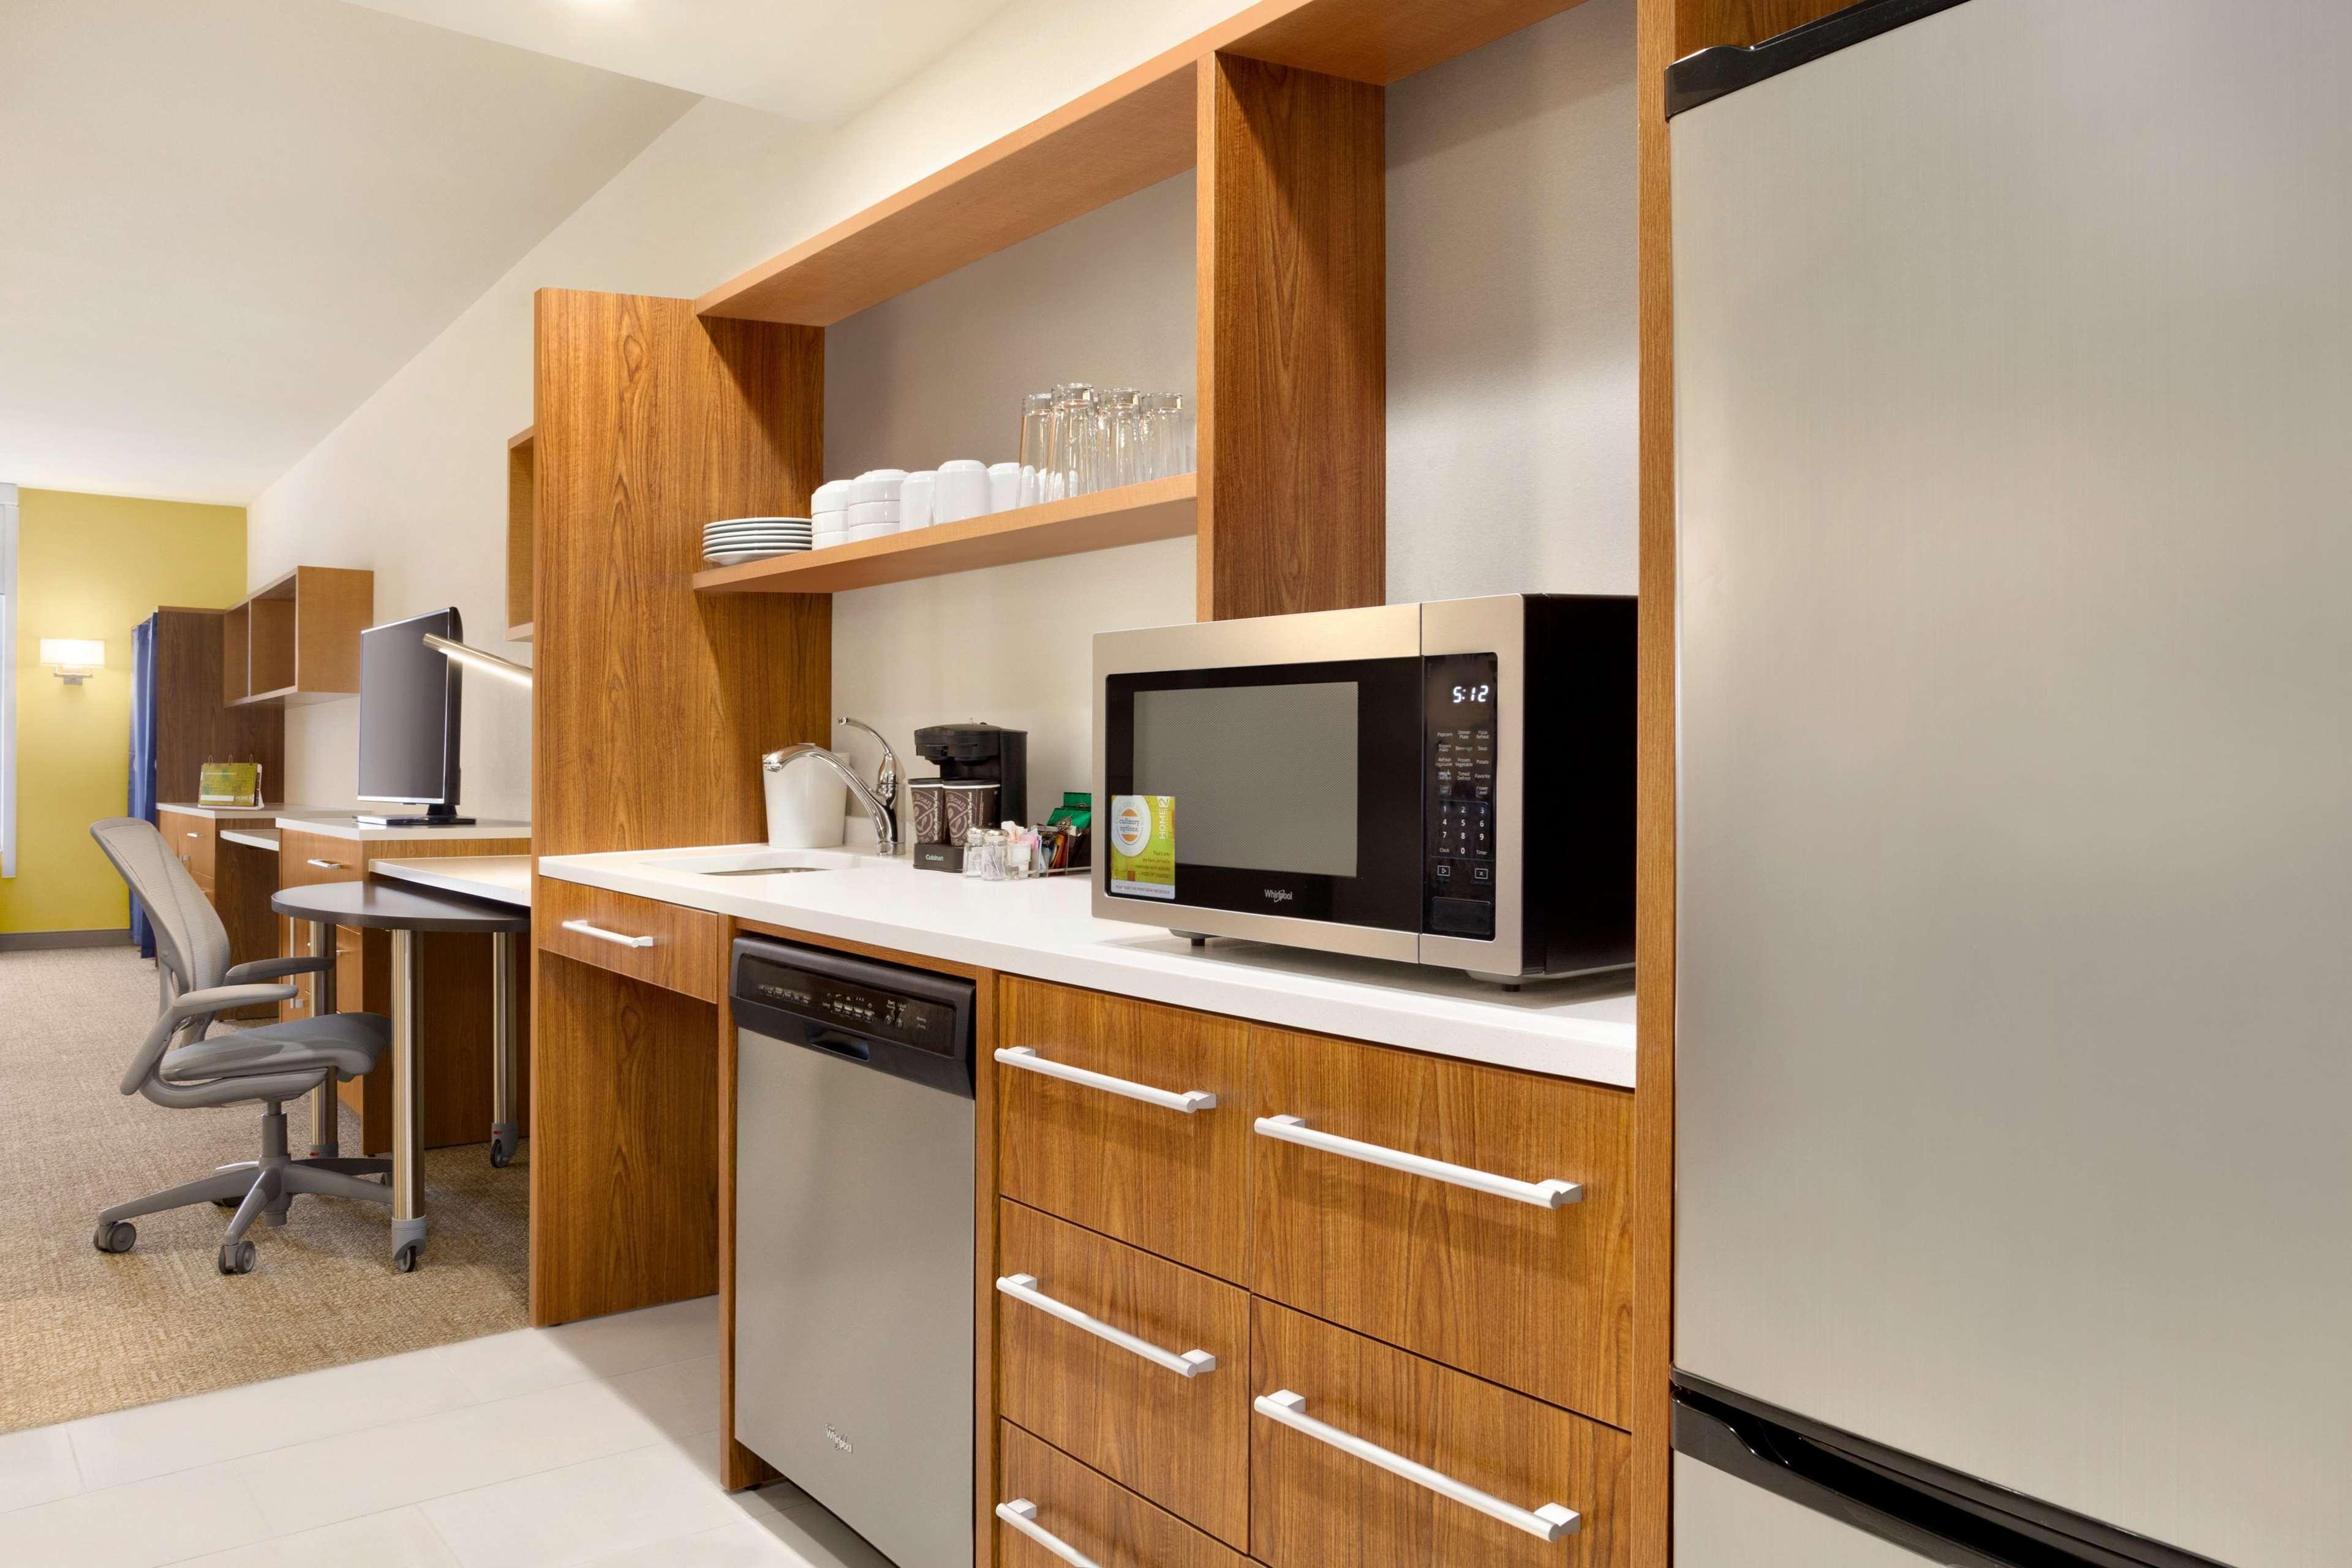 Home2 Suites by Hilton Birmingham Downtown image 8